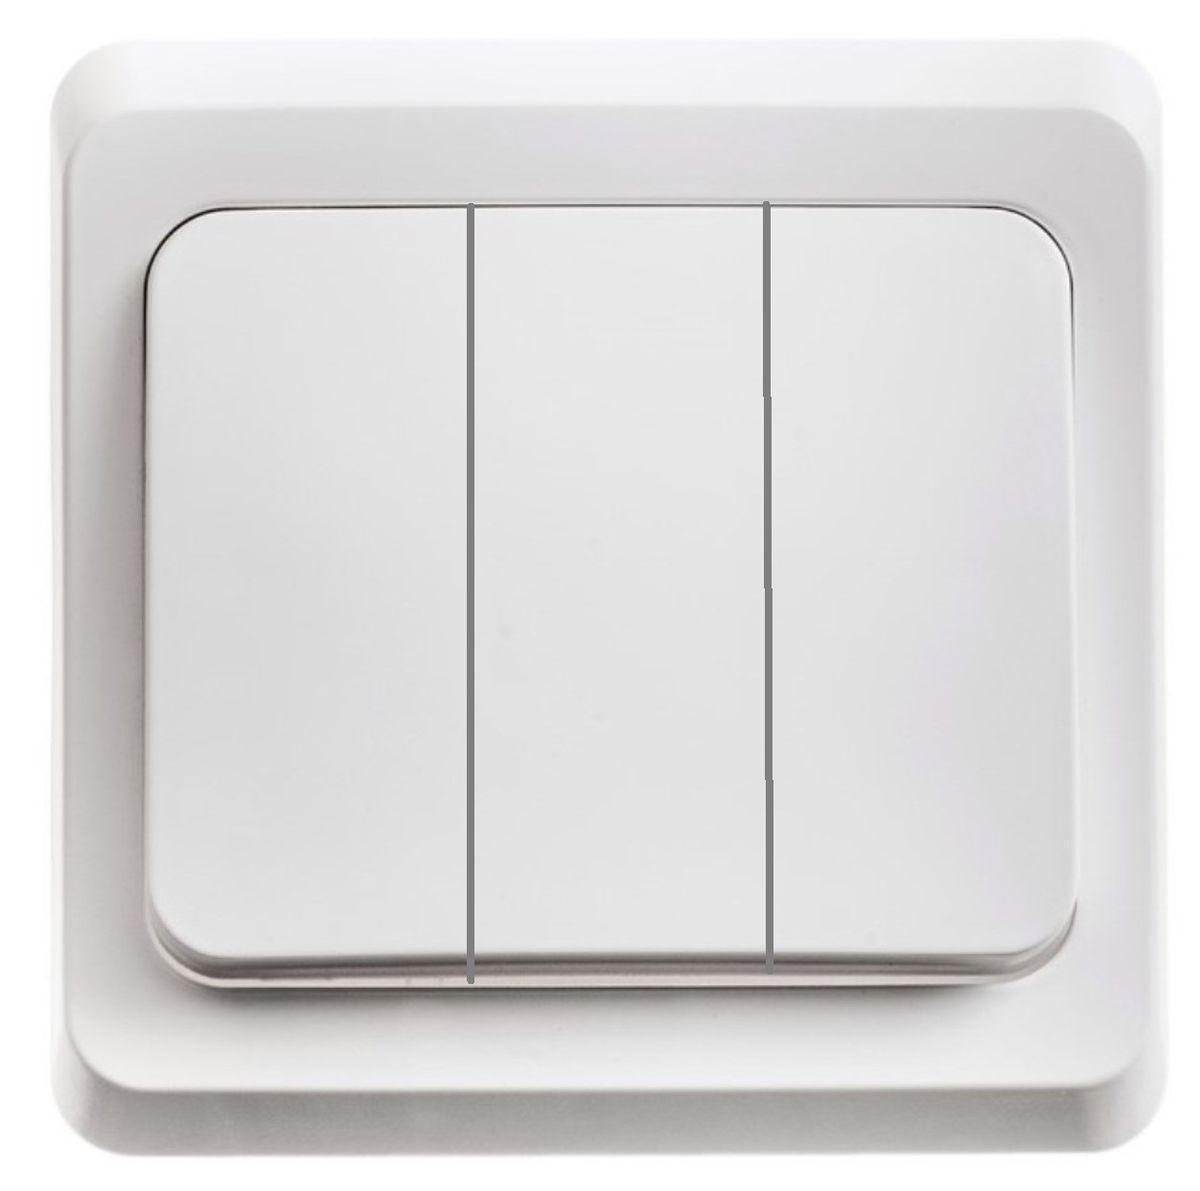 """Выключатель Schneider Electric """"Этюд"""", тройной, цвет: белый. BC10-003 BC10-003B"""